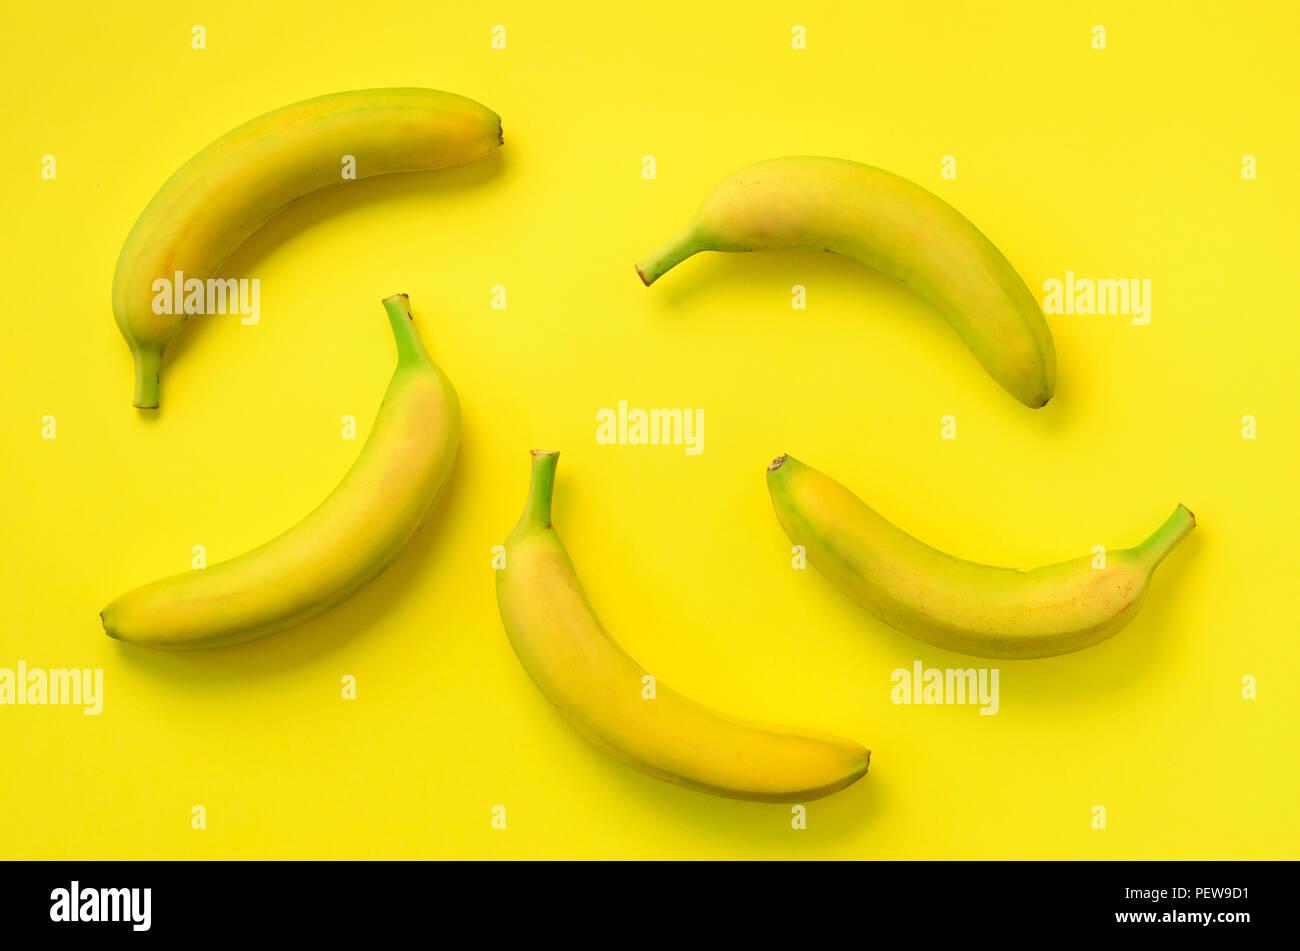 Bunte Obst Muster. Bananen auf gelben Hintergrund. Ansicht von oben. Pop Art Design, kreative Sommer Konzept. Minimale flach Stil Stockbild